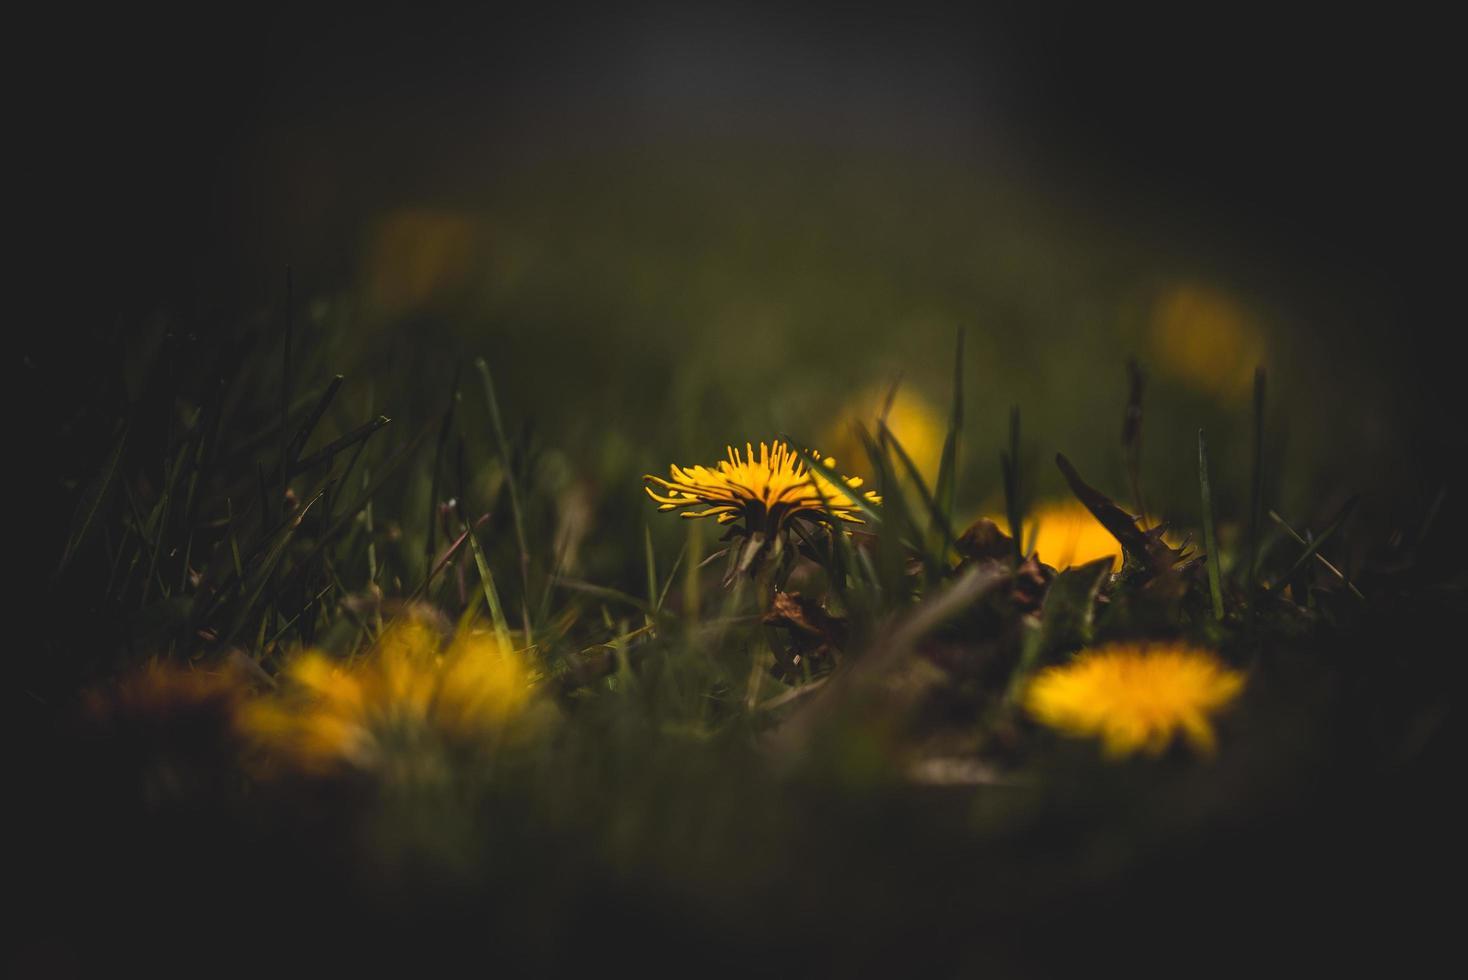 gelber Löwenzahn im dunklen Feld foto